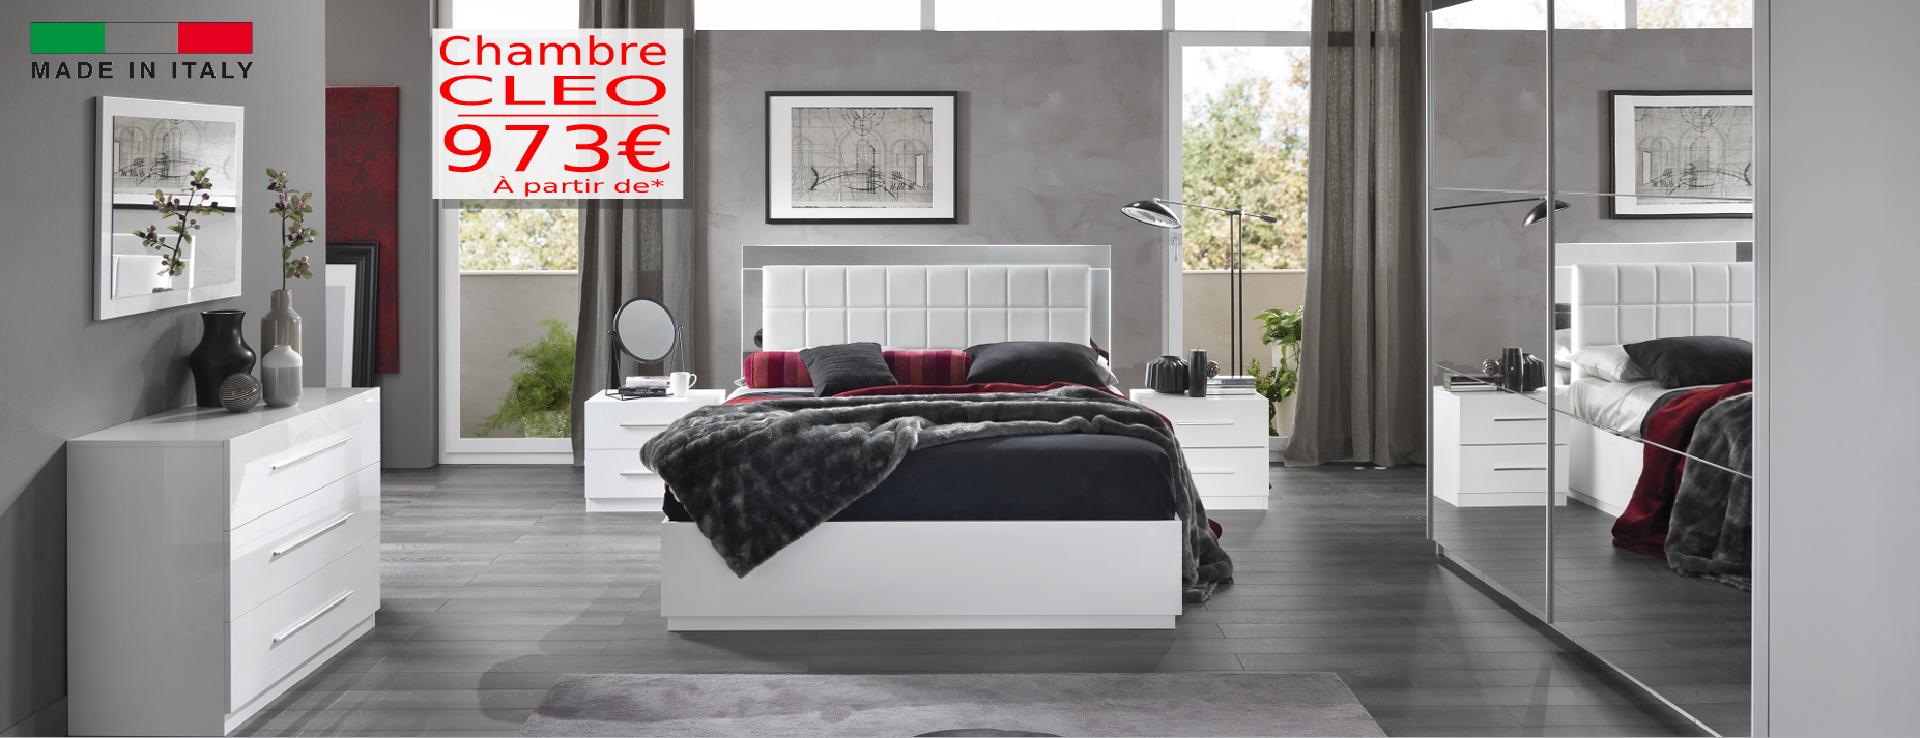 Meuble & Déco Design Oriental Moderne & Chic Pas Cher